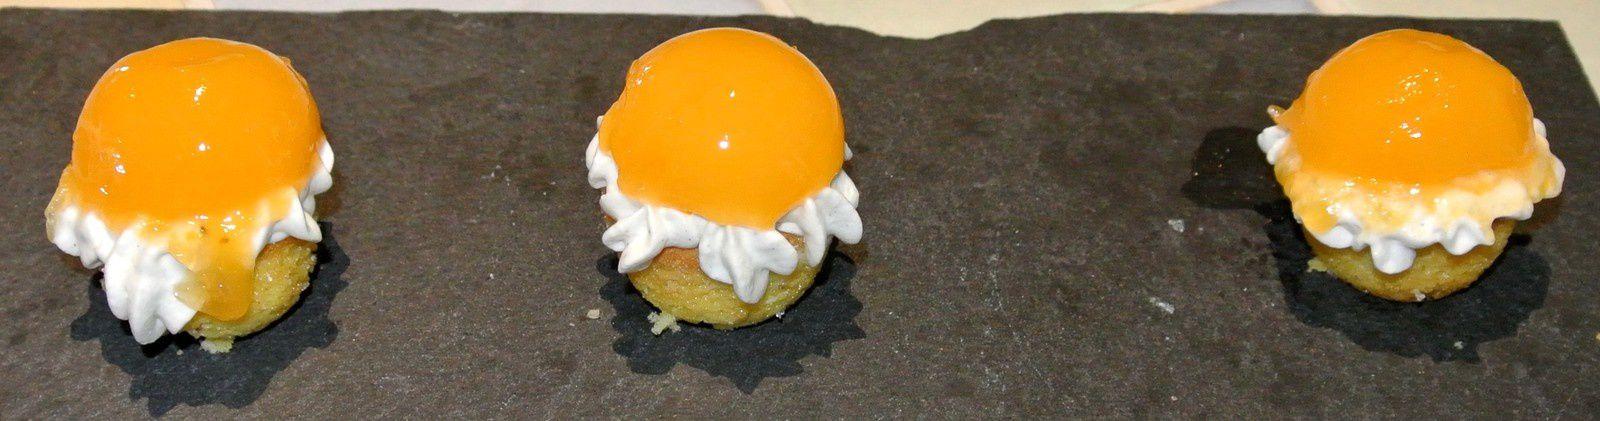 Mini tartelette abricot du cours exlusif du chef Michalak Photos de Laura et Brigitte